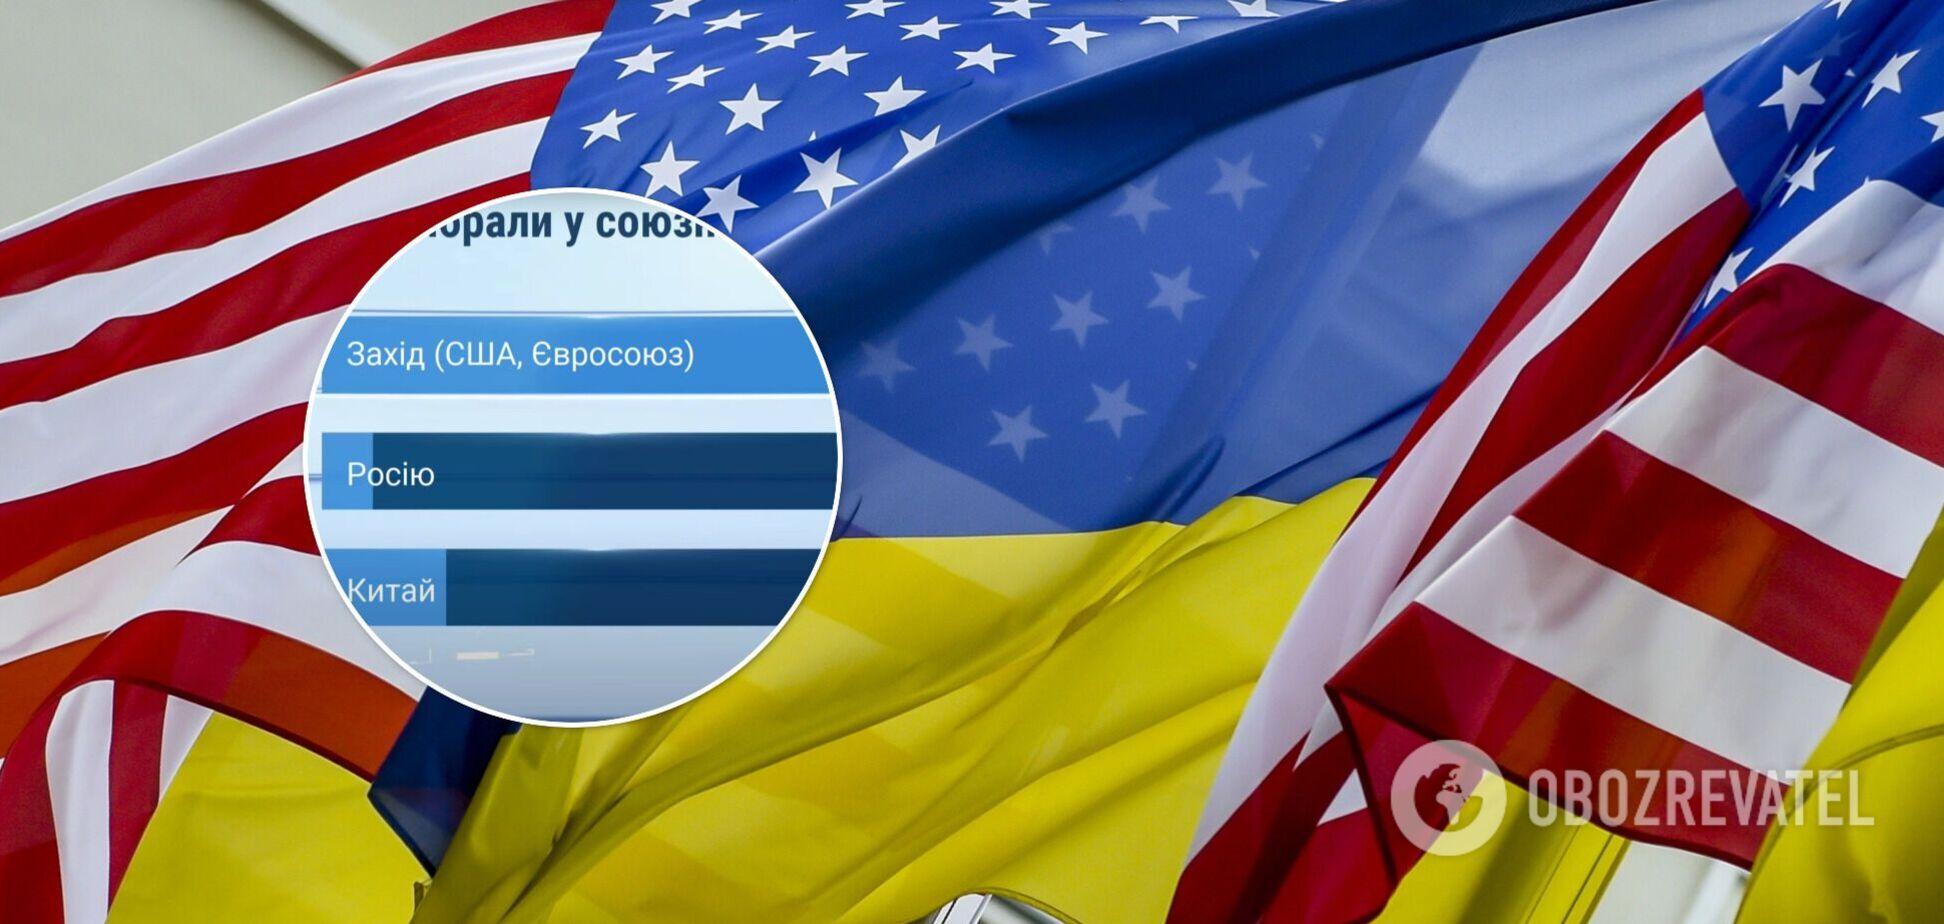 Більшість українців вважають США і Євросоюз найкращими союзниками для України, – опитування